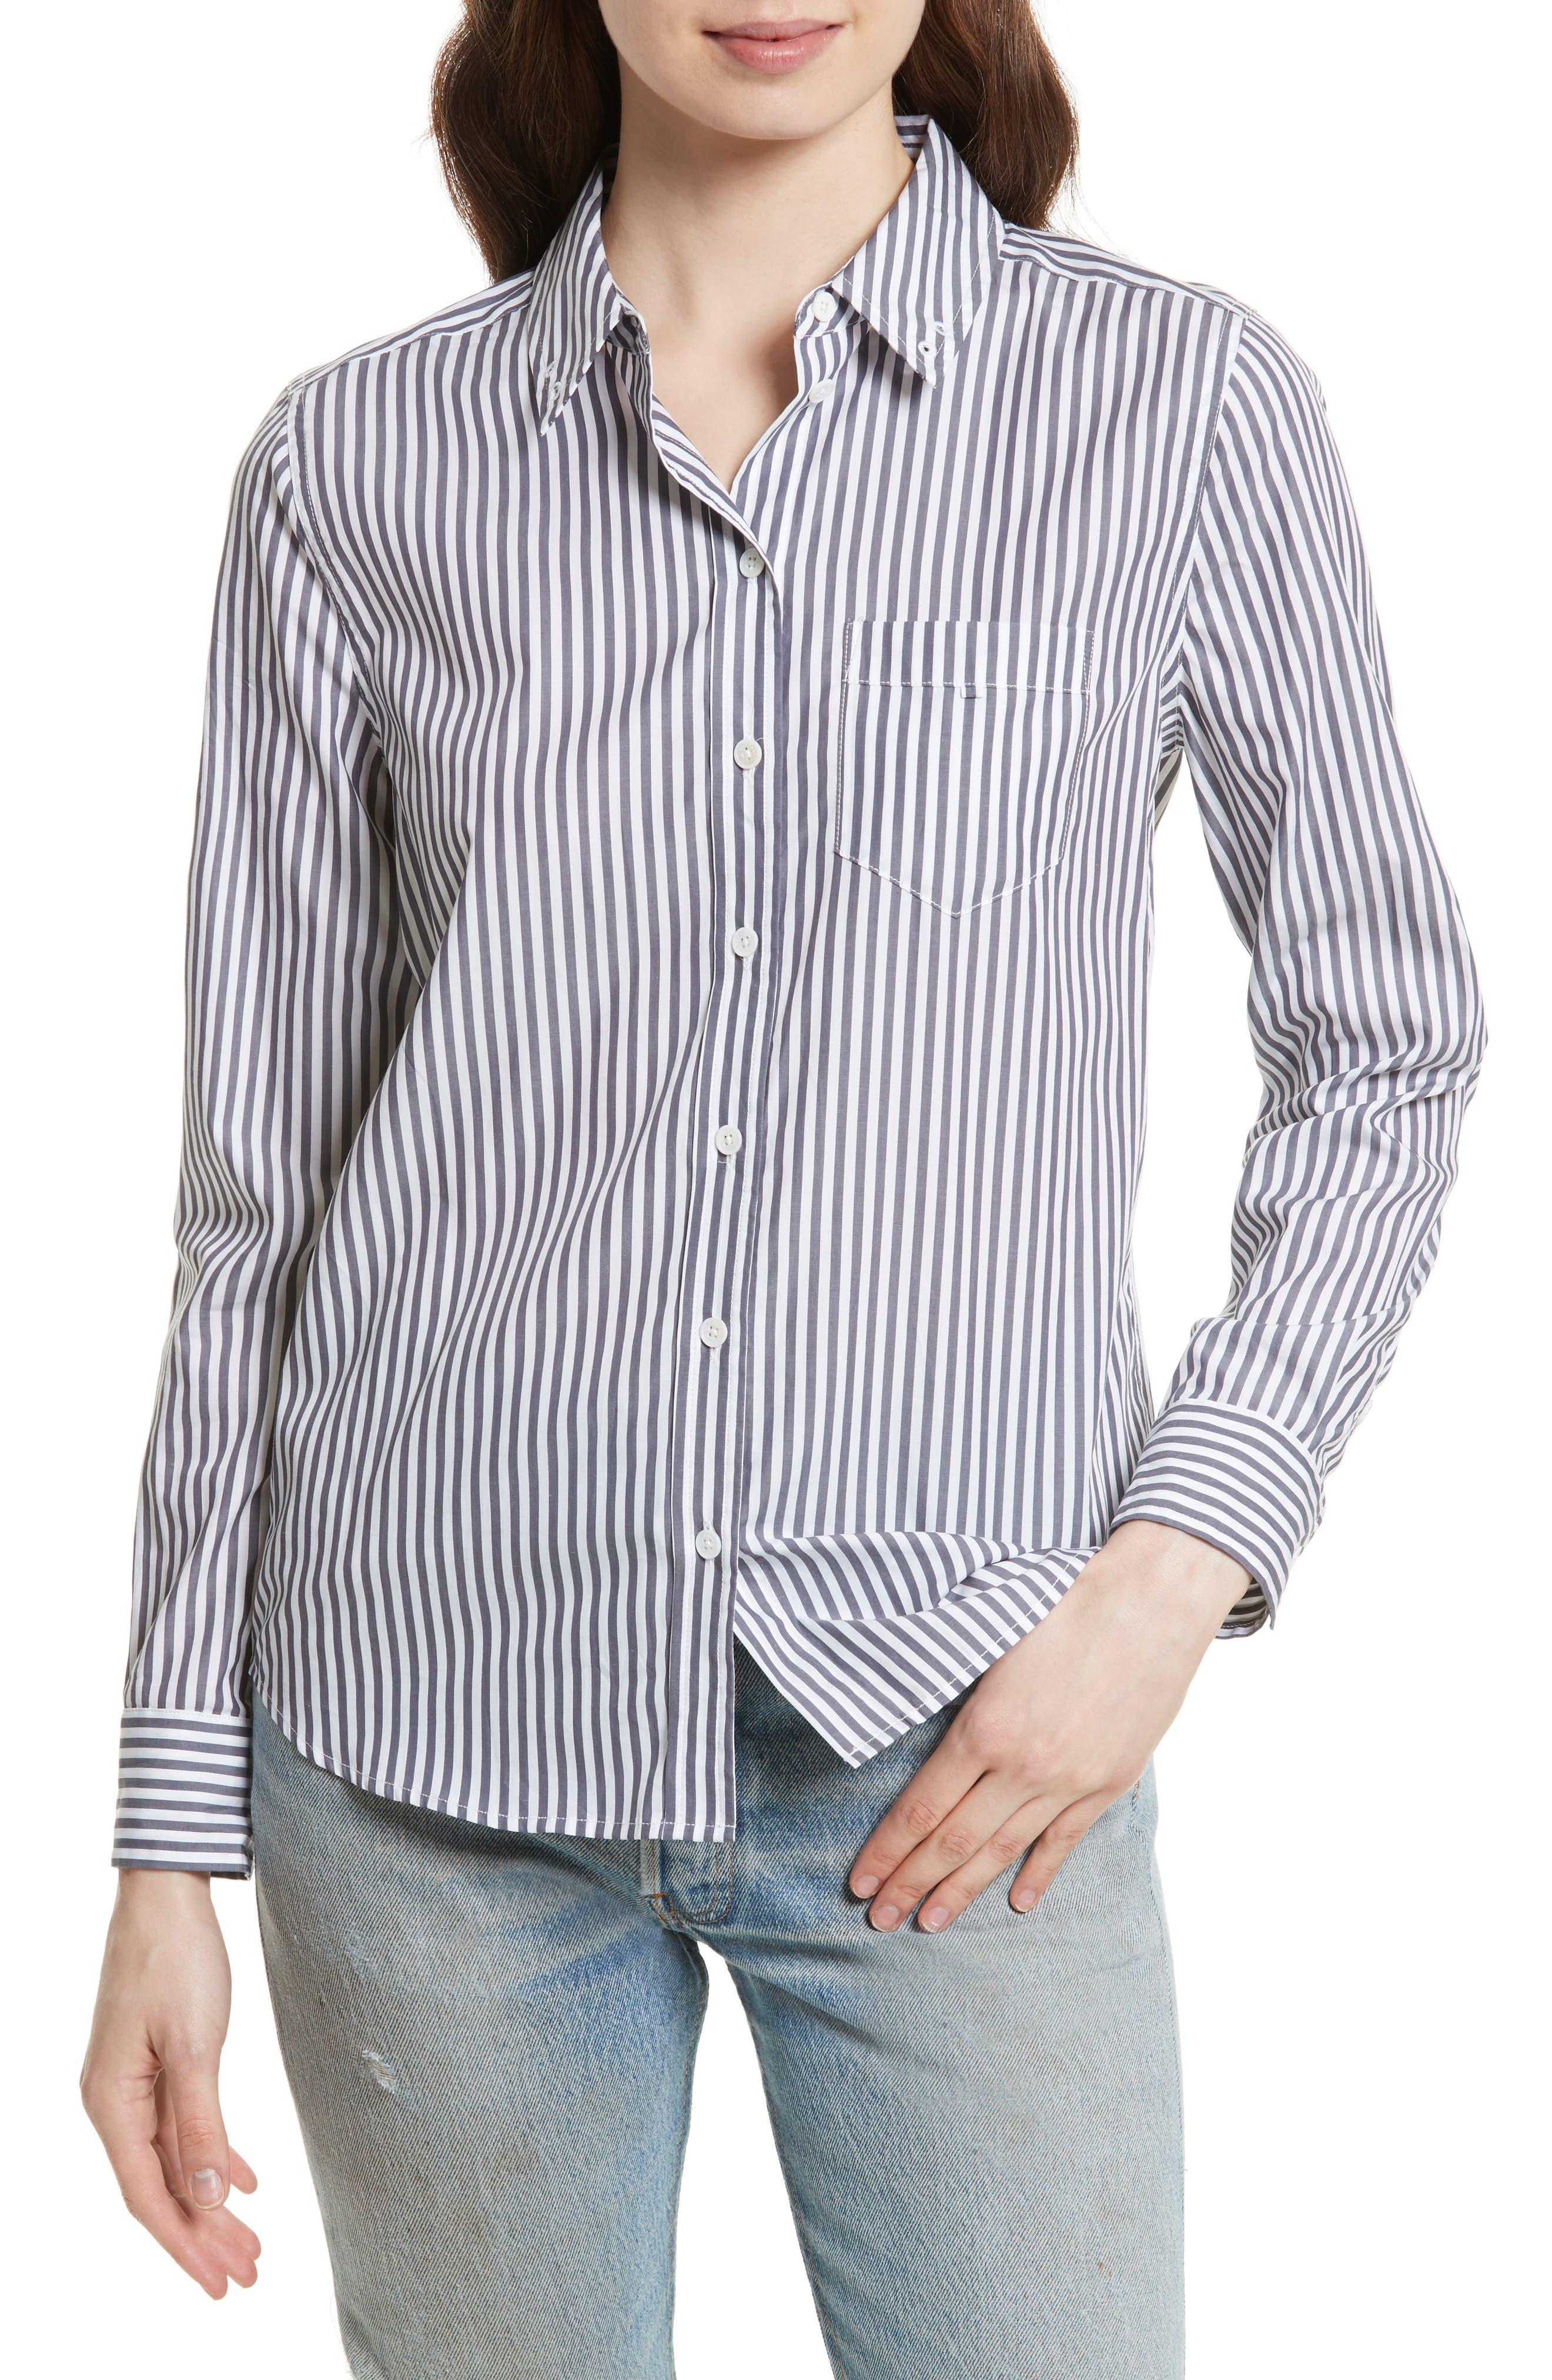 Brett Embroidered Stripe Cotton Shirt,                         Main,                         color, Bright White/ Blue